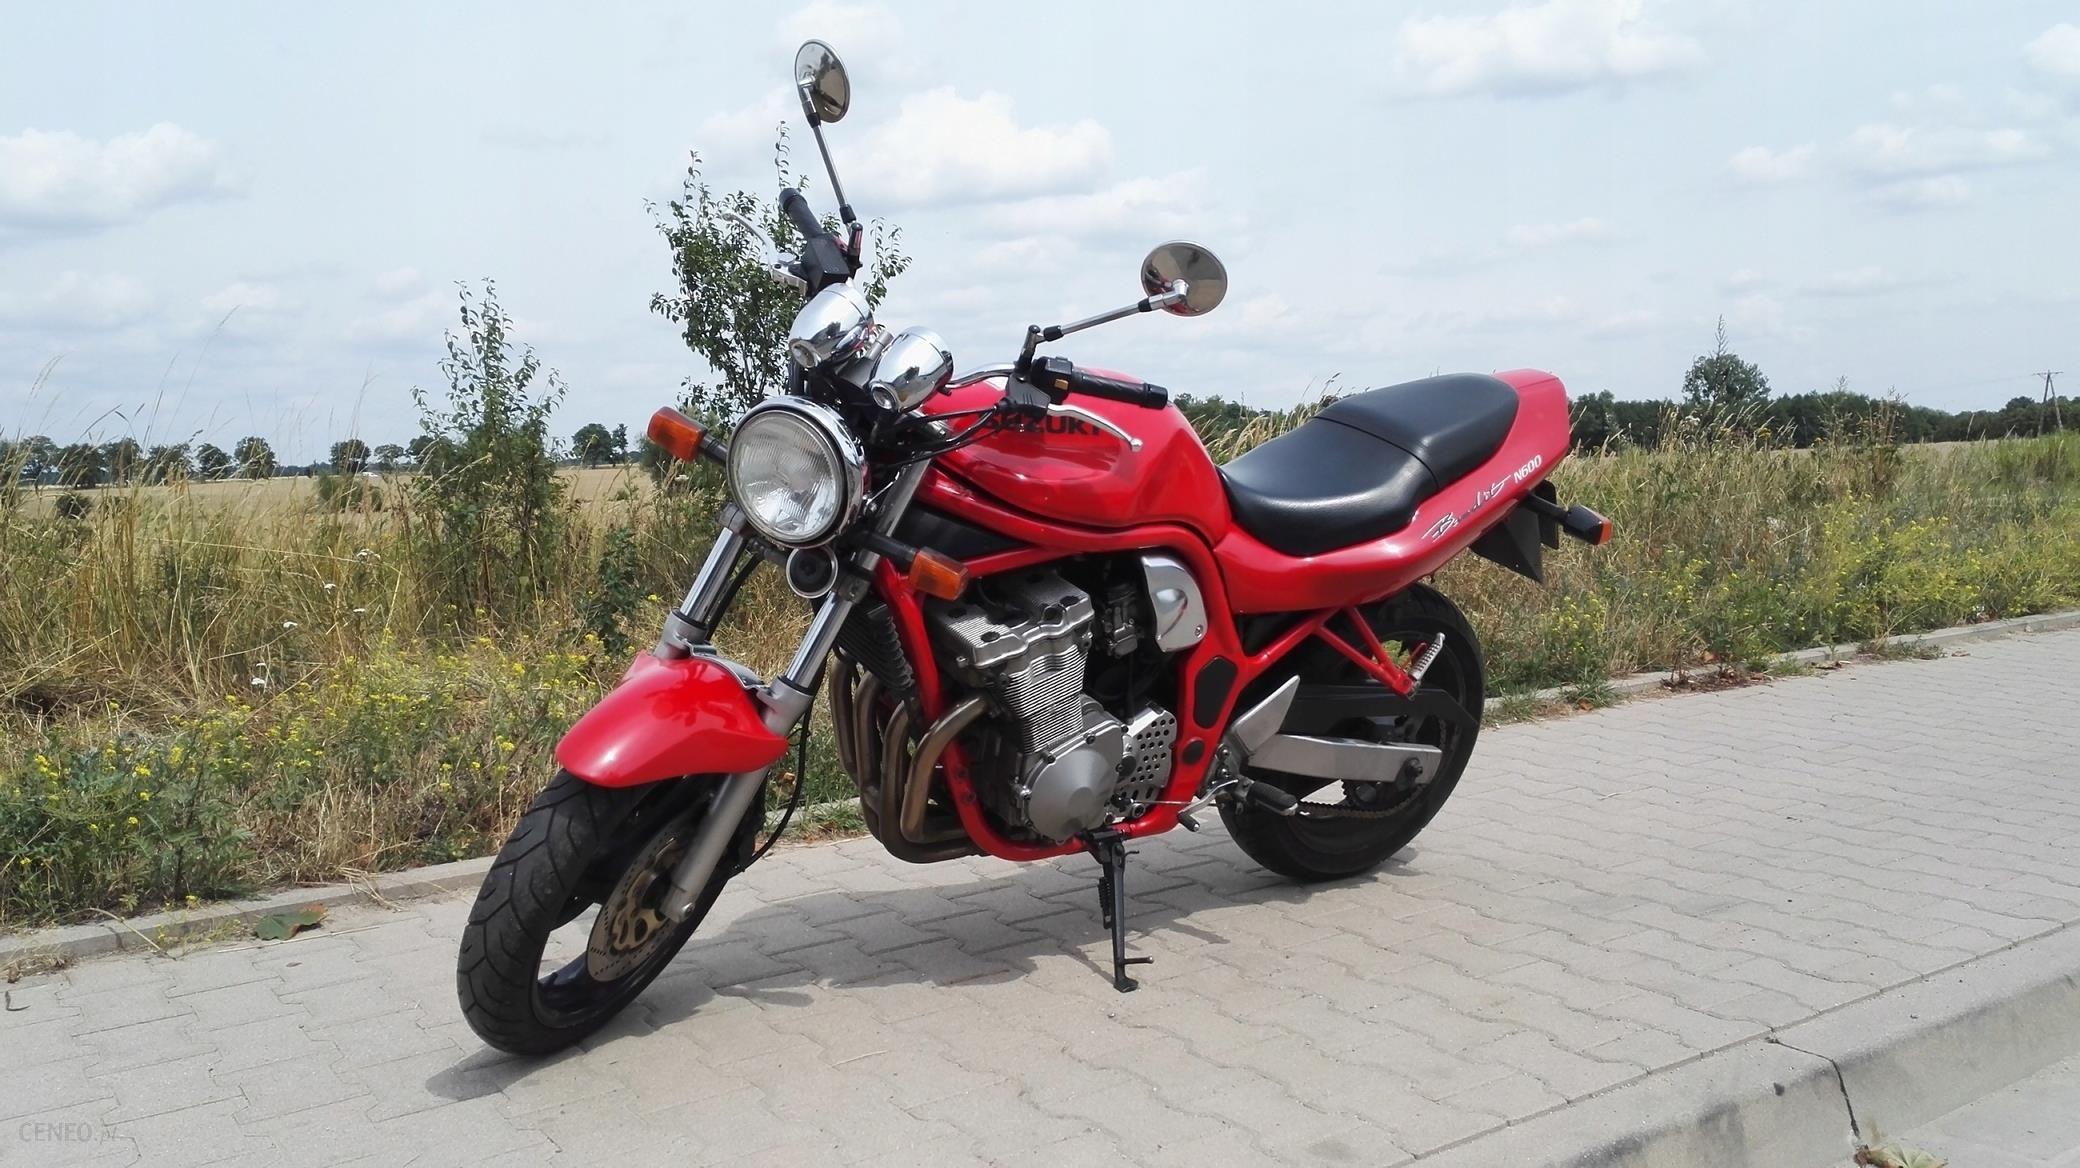 Suzuki Bandit Gsf 600 N Zadbany Dodatki Opinie I Ceny Na Ceneo Pl